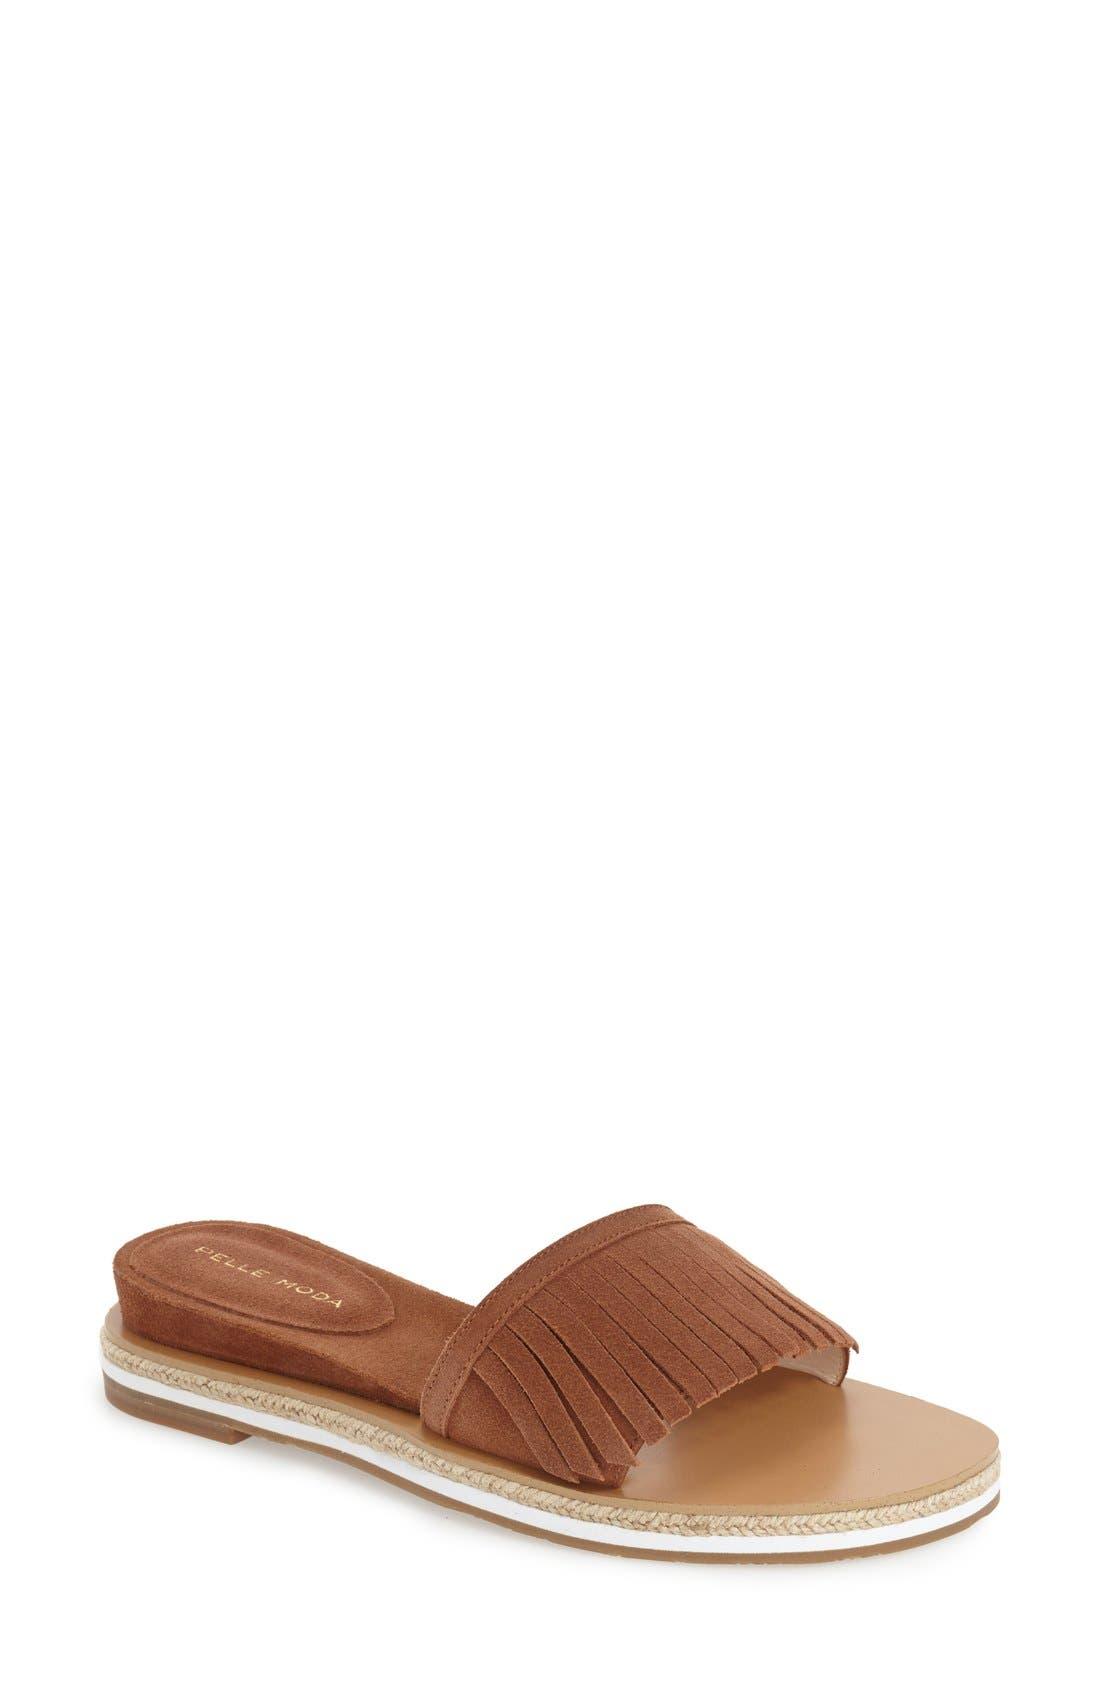 Pelle Moda 'Jade' Fringe Slide Sandal (Women)